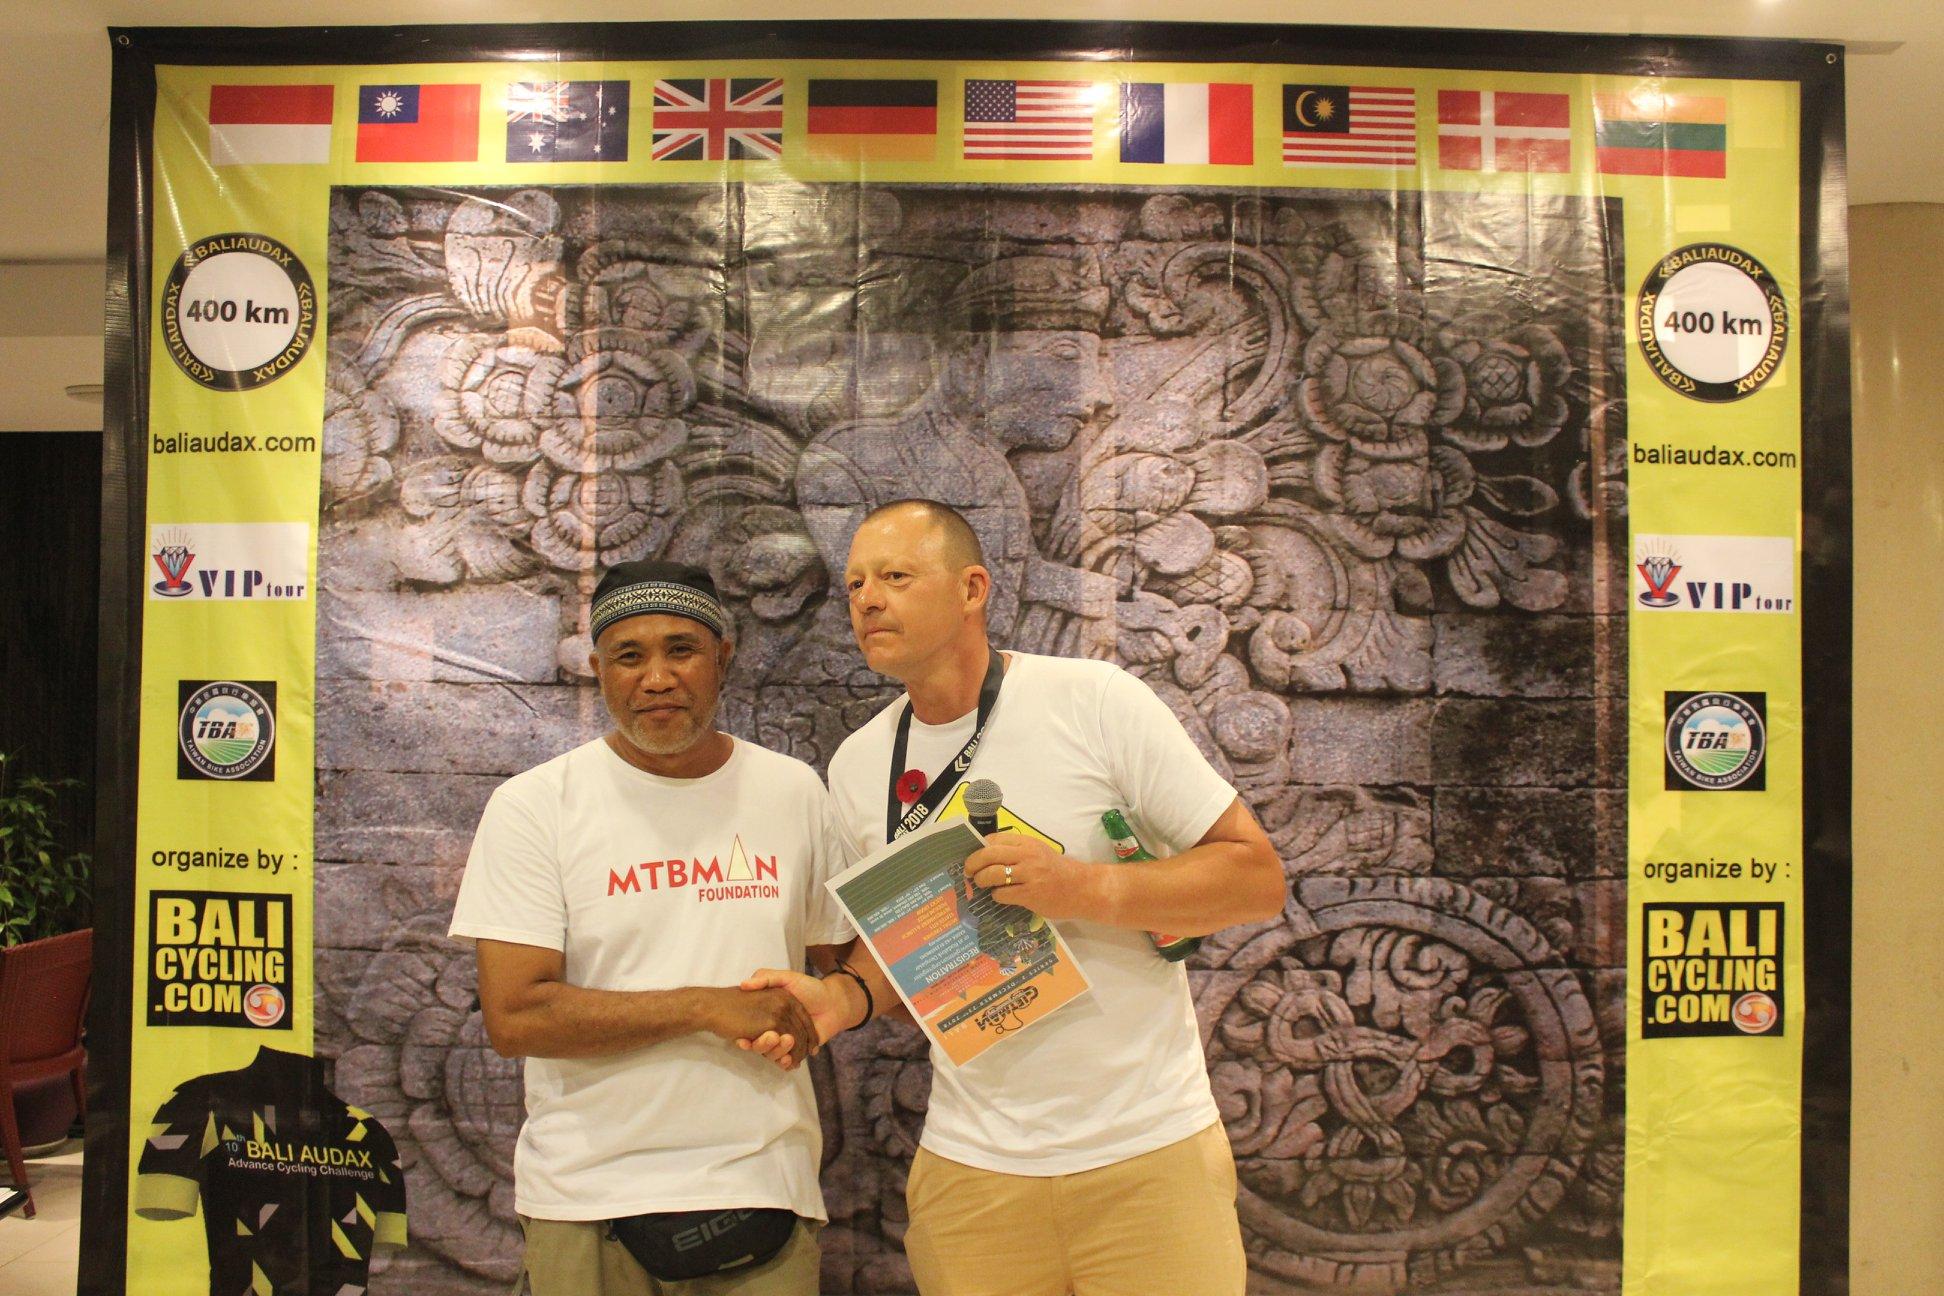 Bali Aidax 2018 day 2 (245)